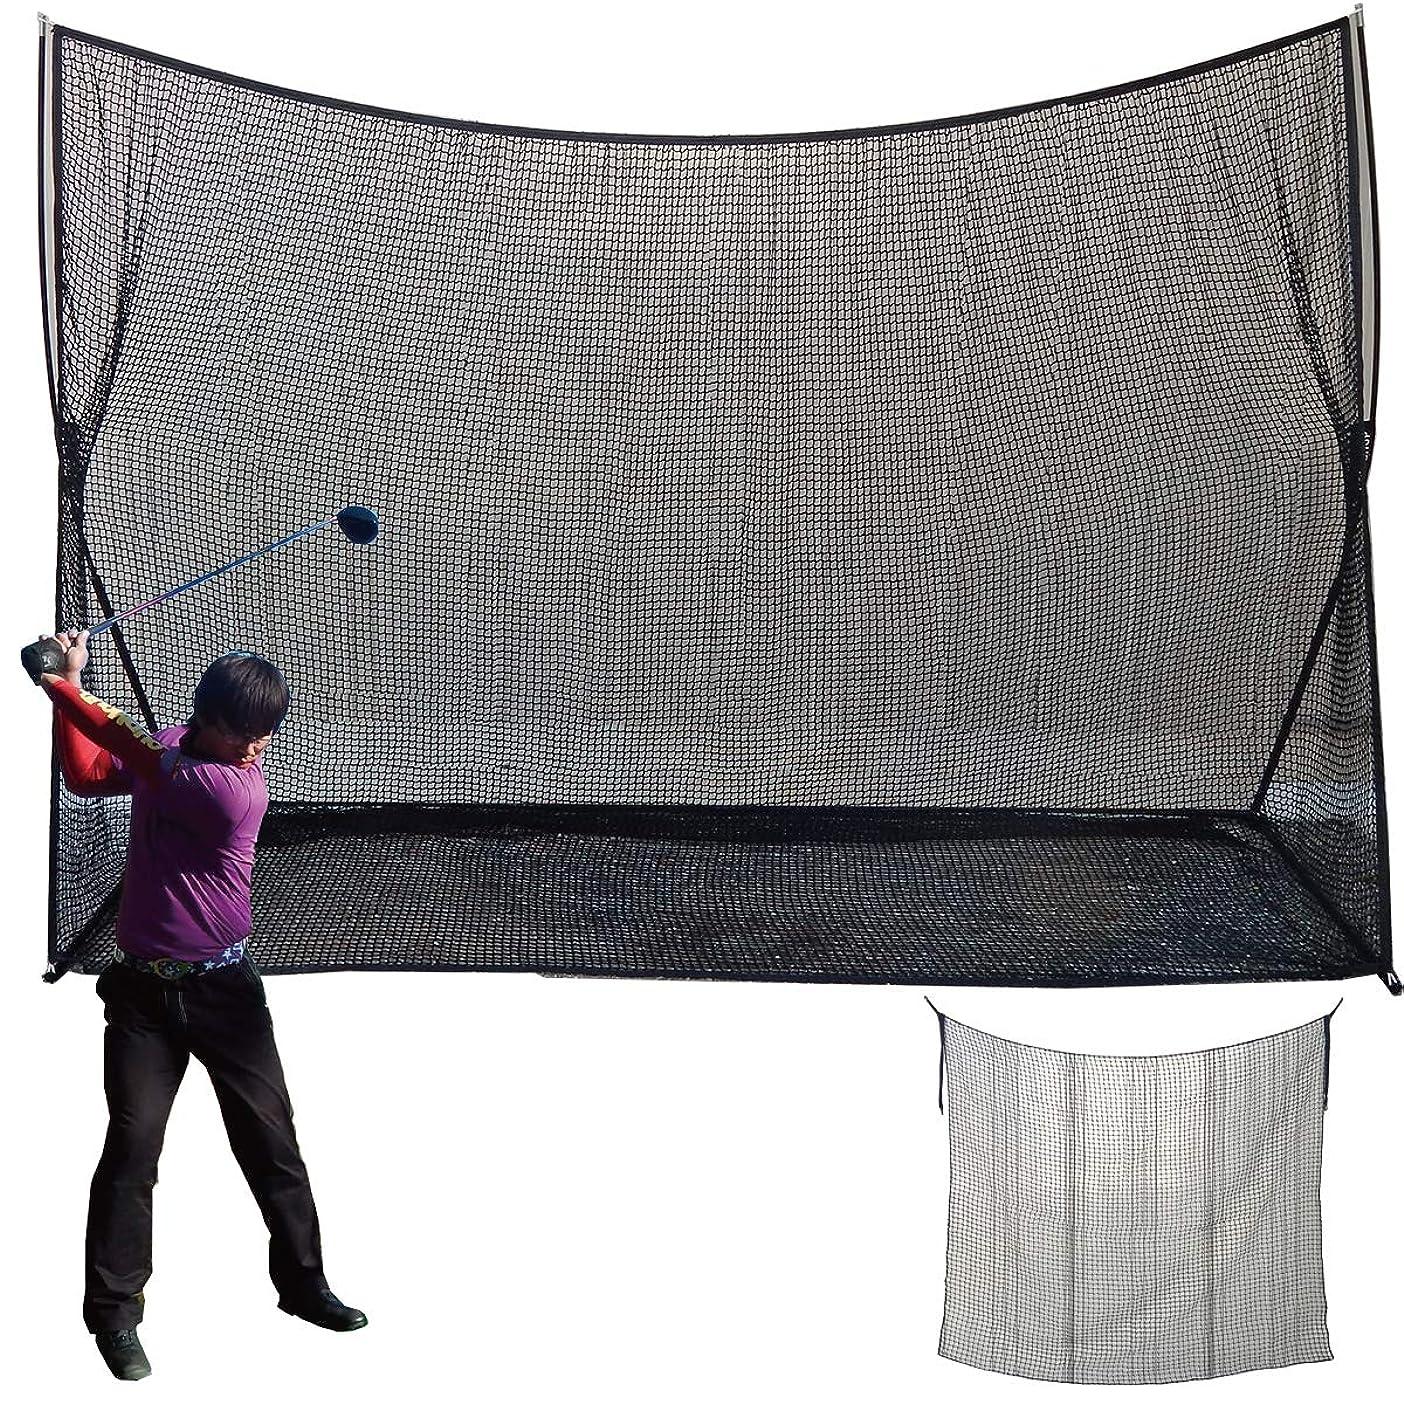 尊敬棚増強ゴルフネット インパクトネット 3mタイプ サポートネット同梱セット ゴルフ 練習 ネット